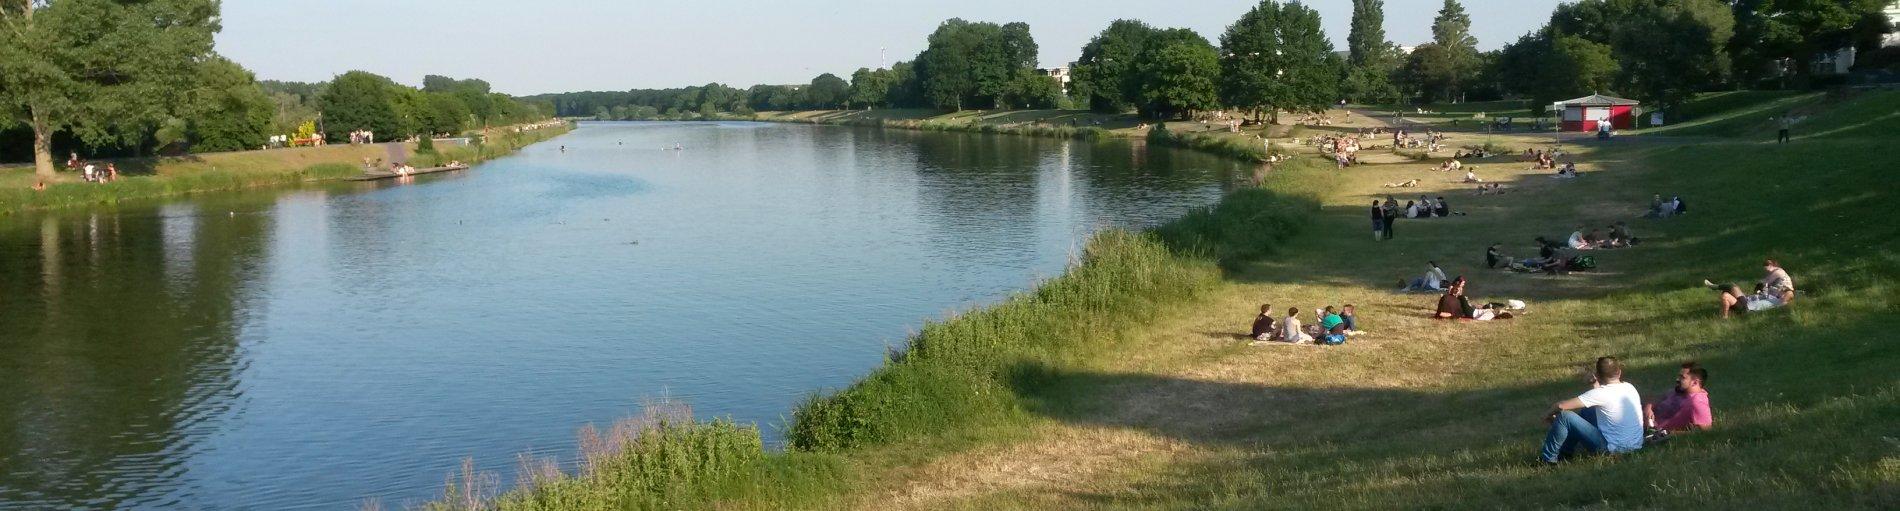 Eine Grünanlage, links ein Wasserstrom, rechts eine Wiesenfläche; Quelle: privat/MDR